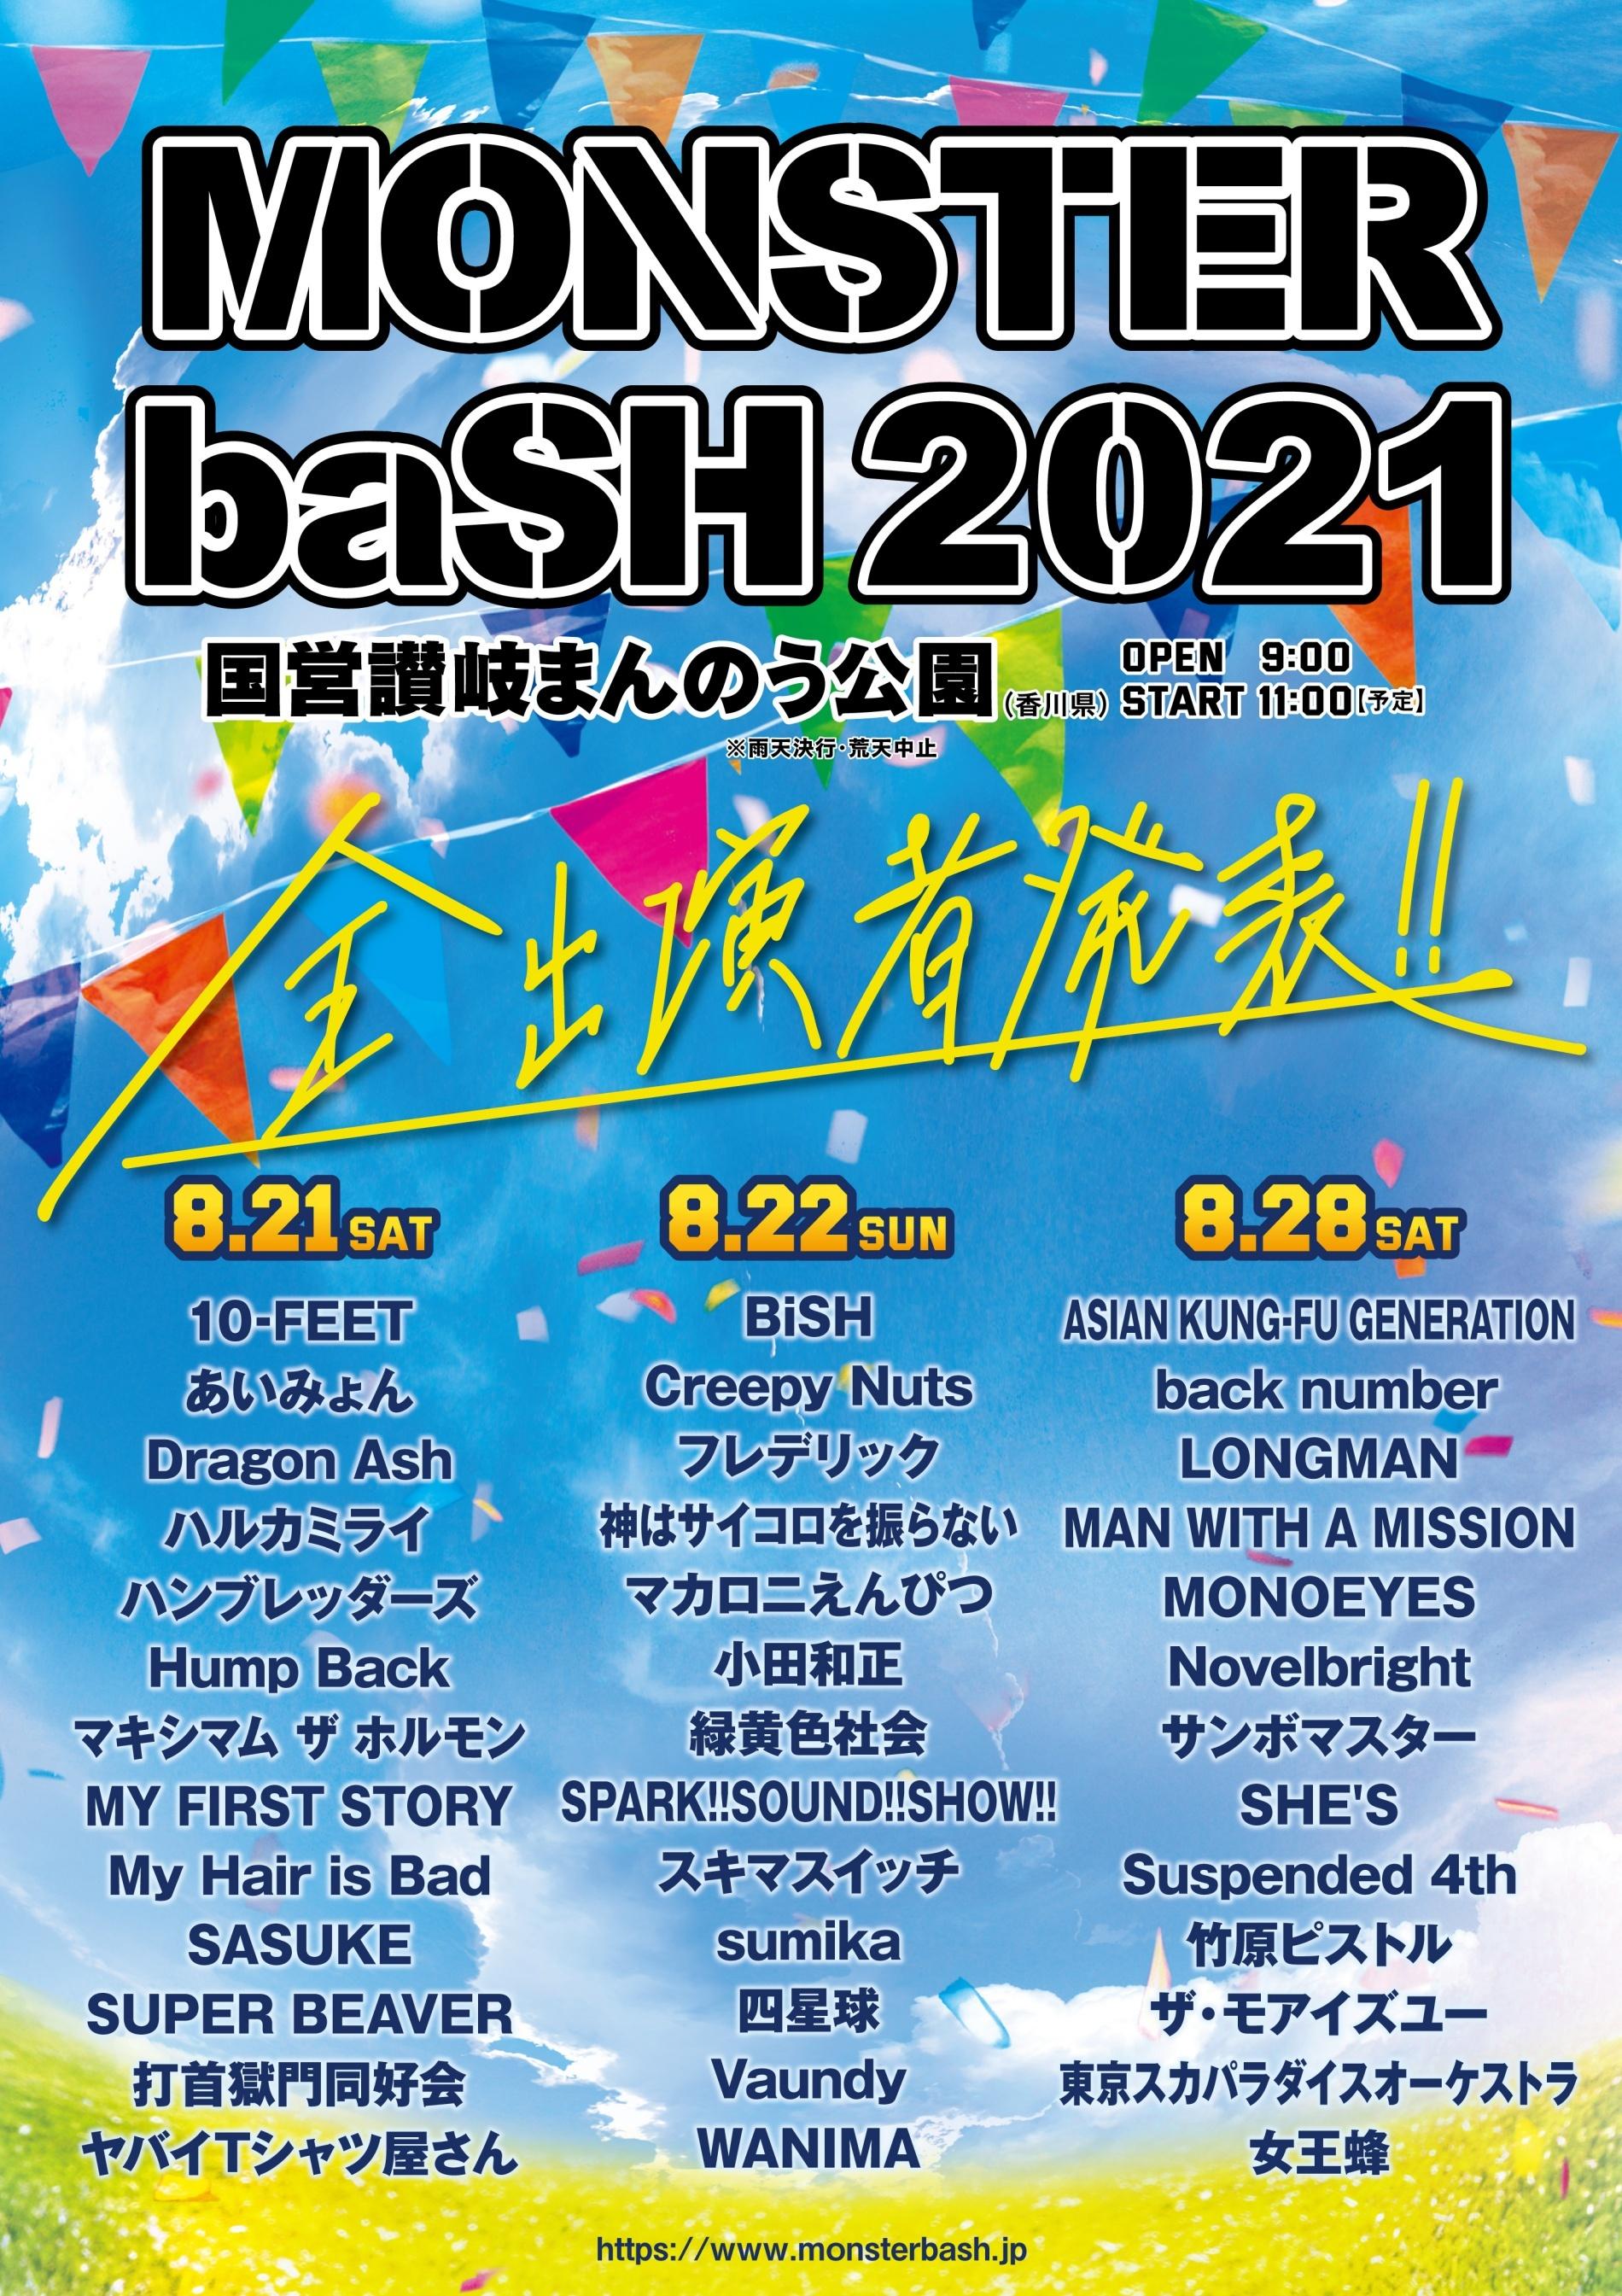 『MONSTER baSH 2021』